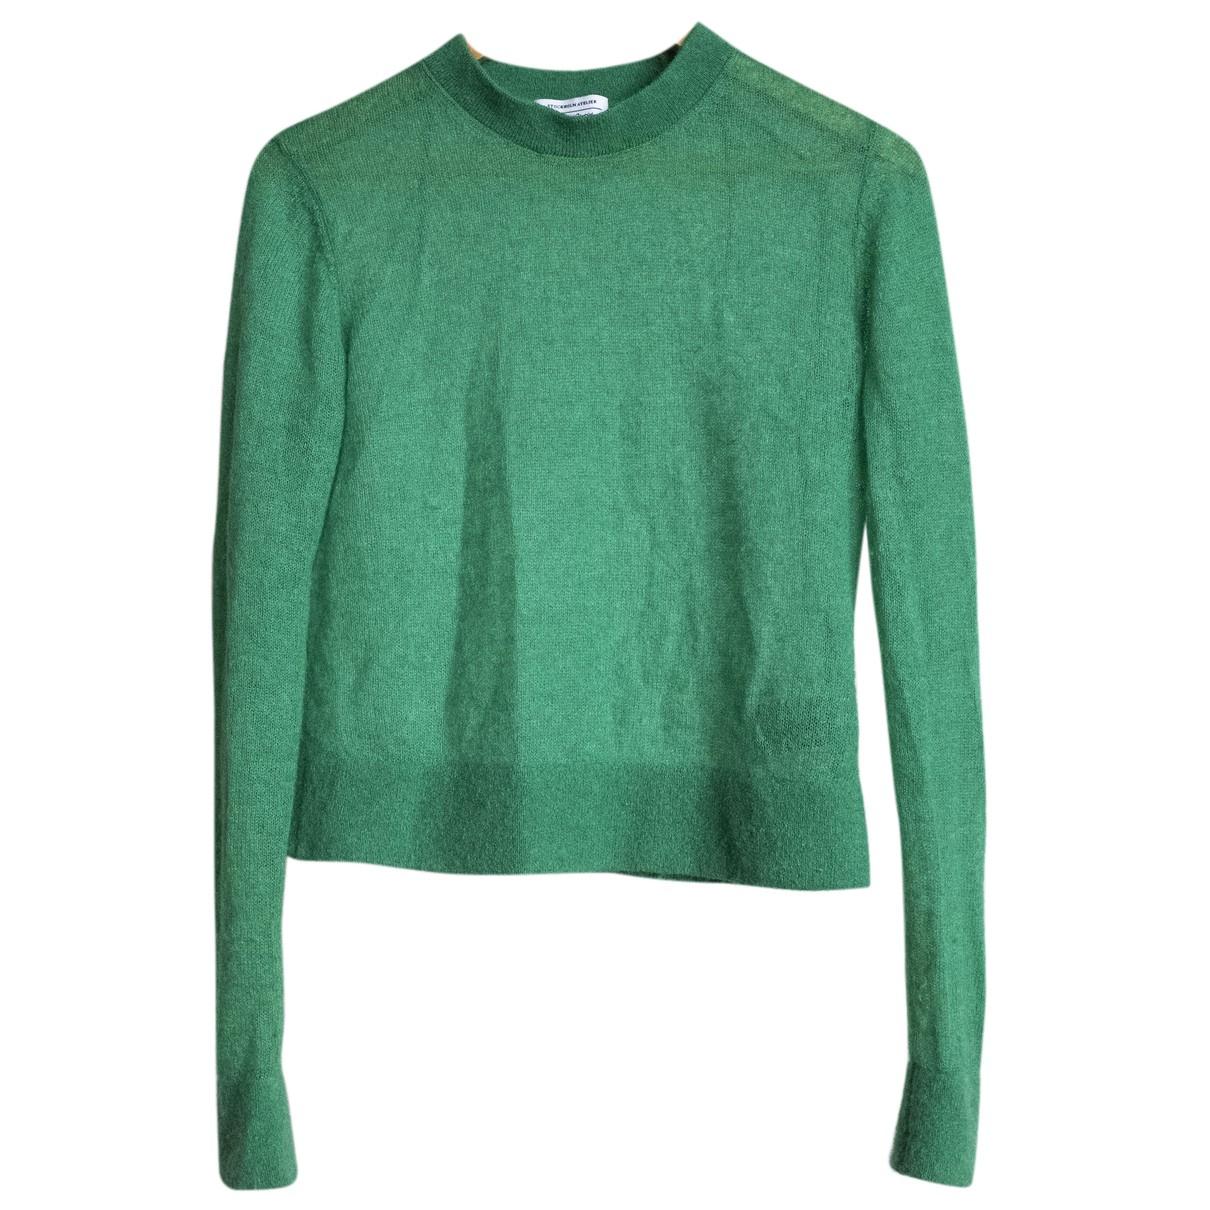 & Stories N Green Knitwear for Women S International